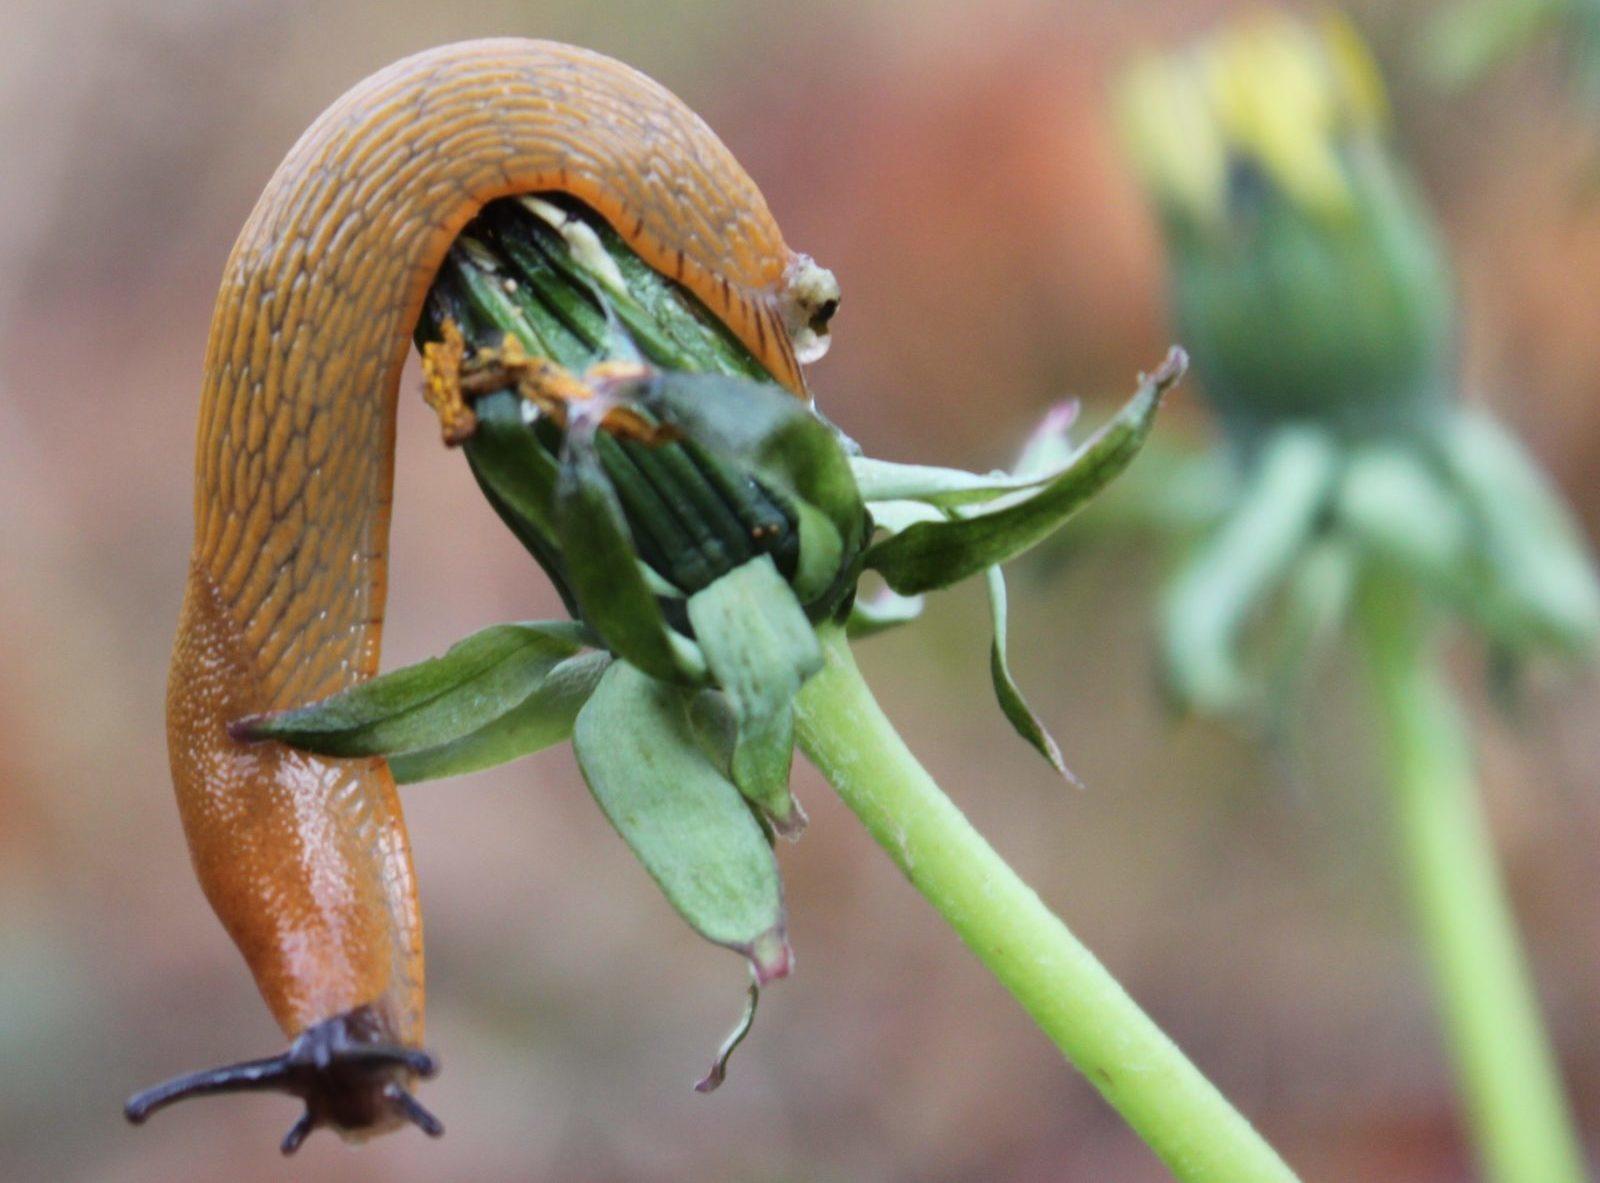 une limace qui mange une fleur de pissenlit